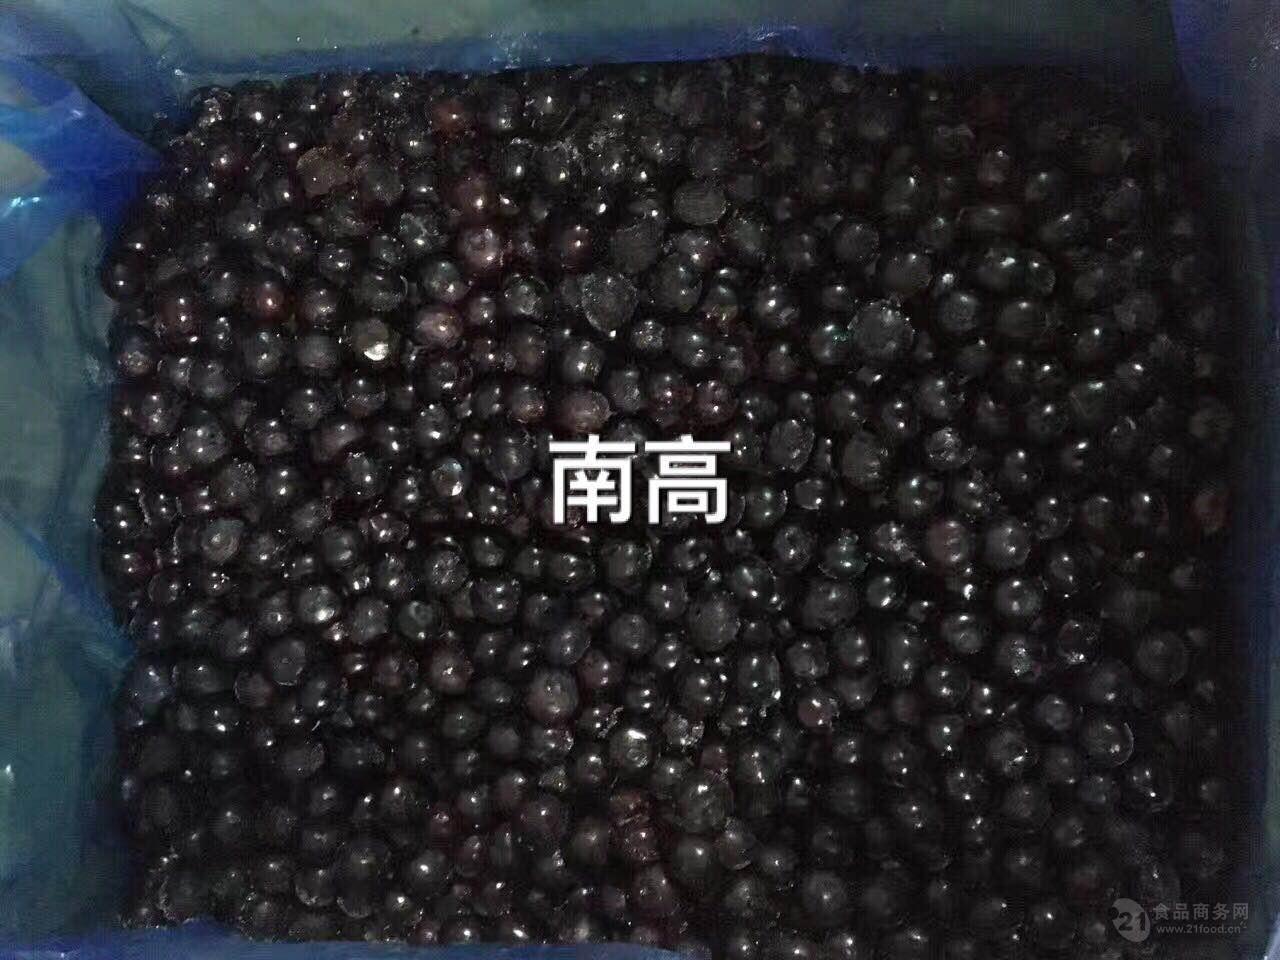 蓝莓冻果南高